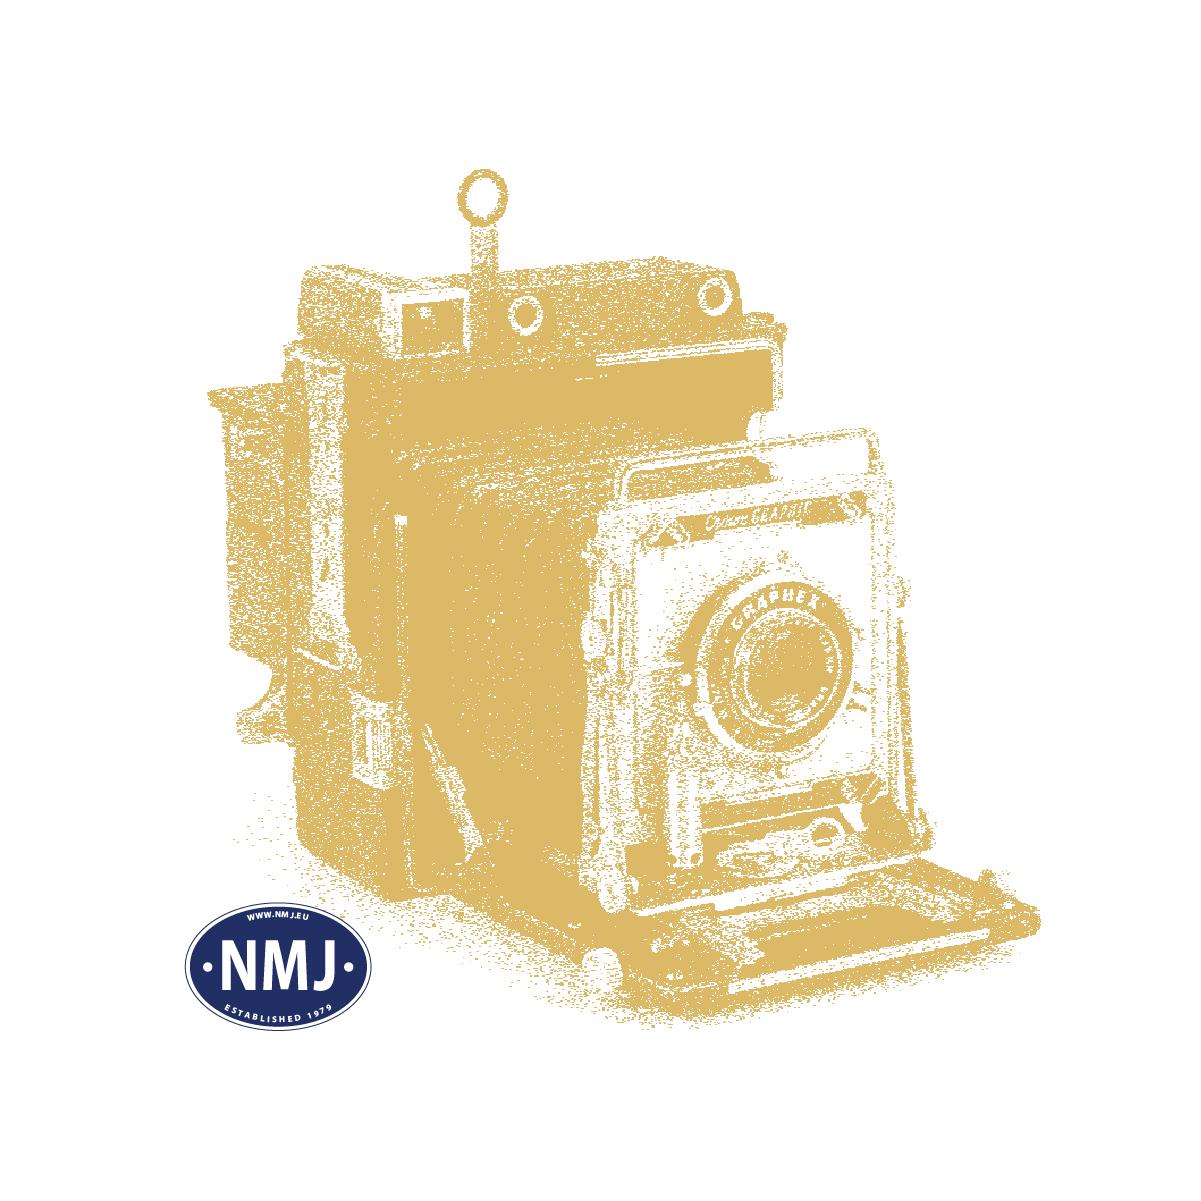 Traktorer & Anleggsmaskiner, Ferguson TE Traktor, WIK089205